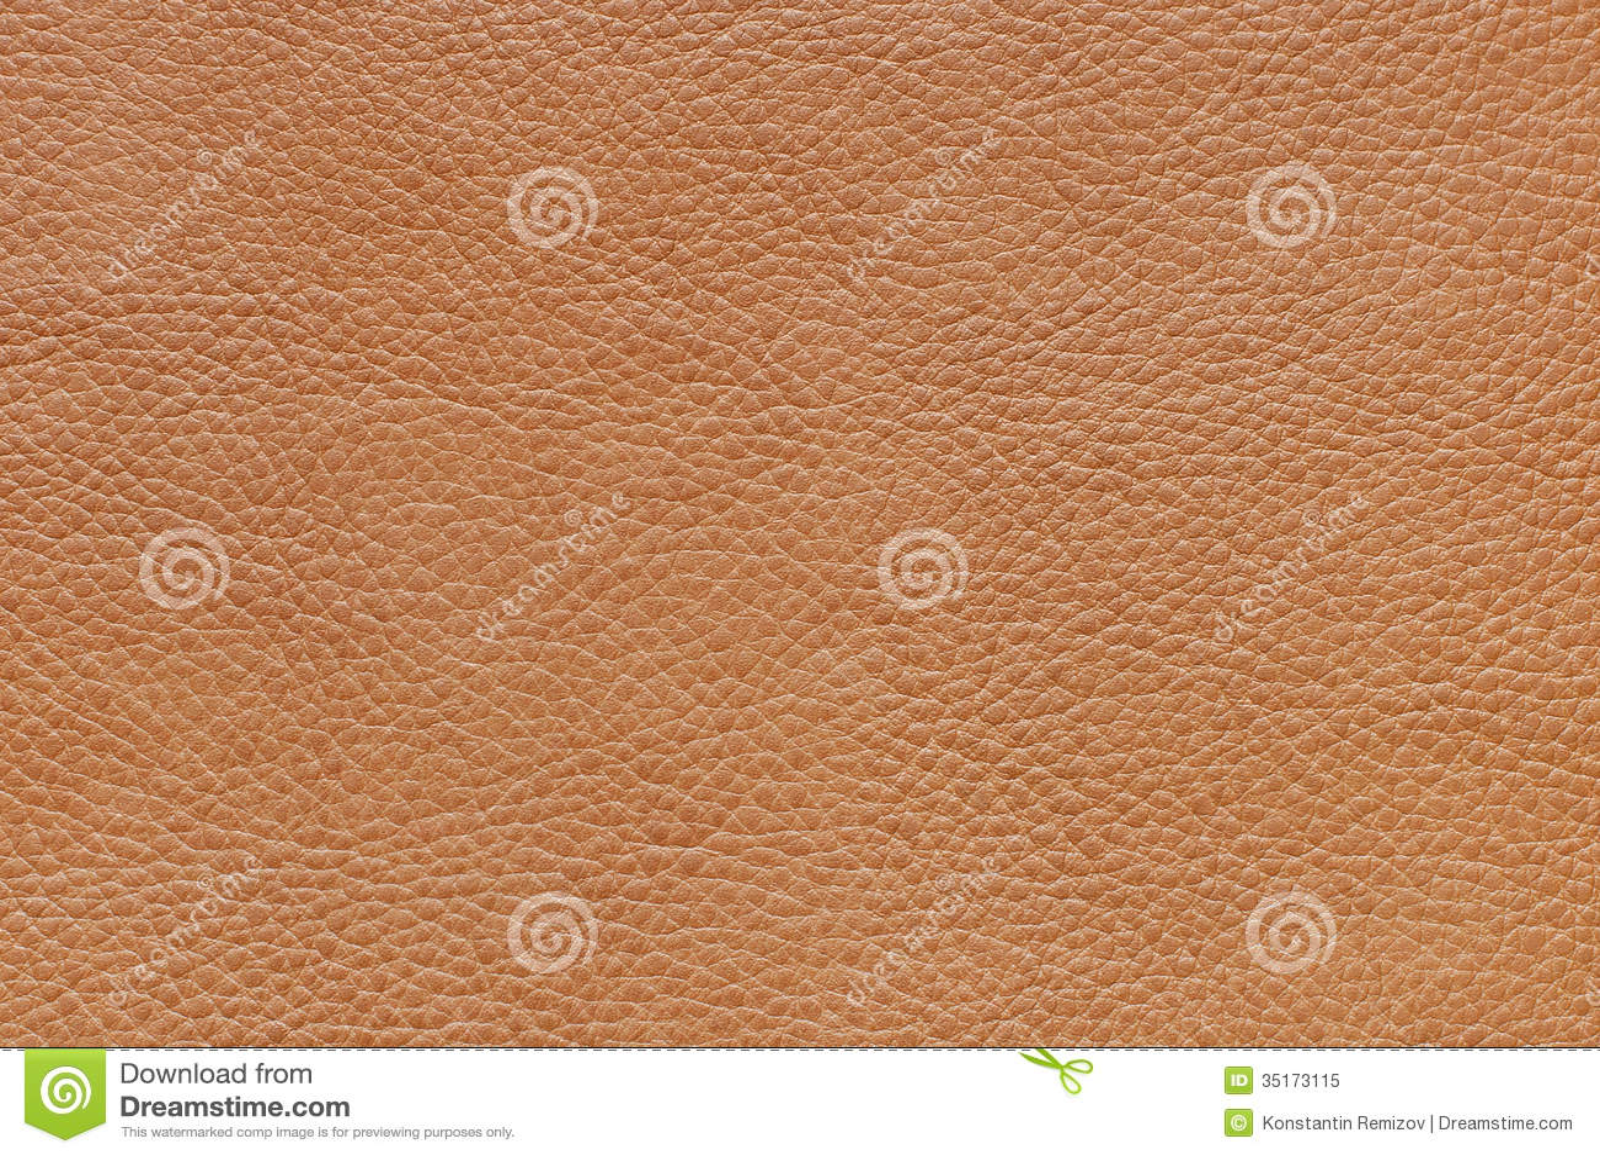 Textur av ett läder